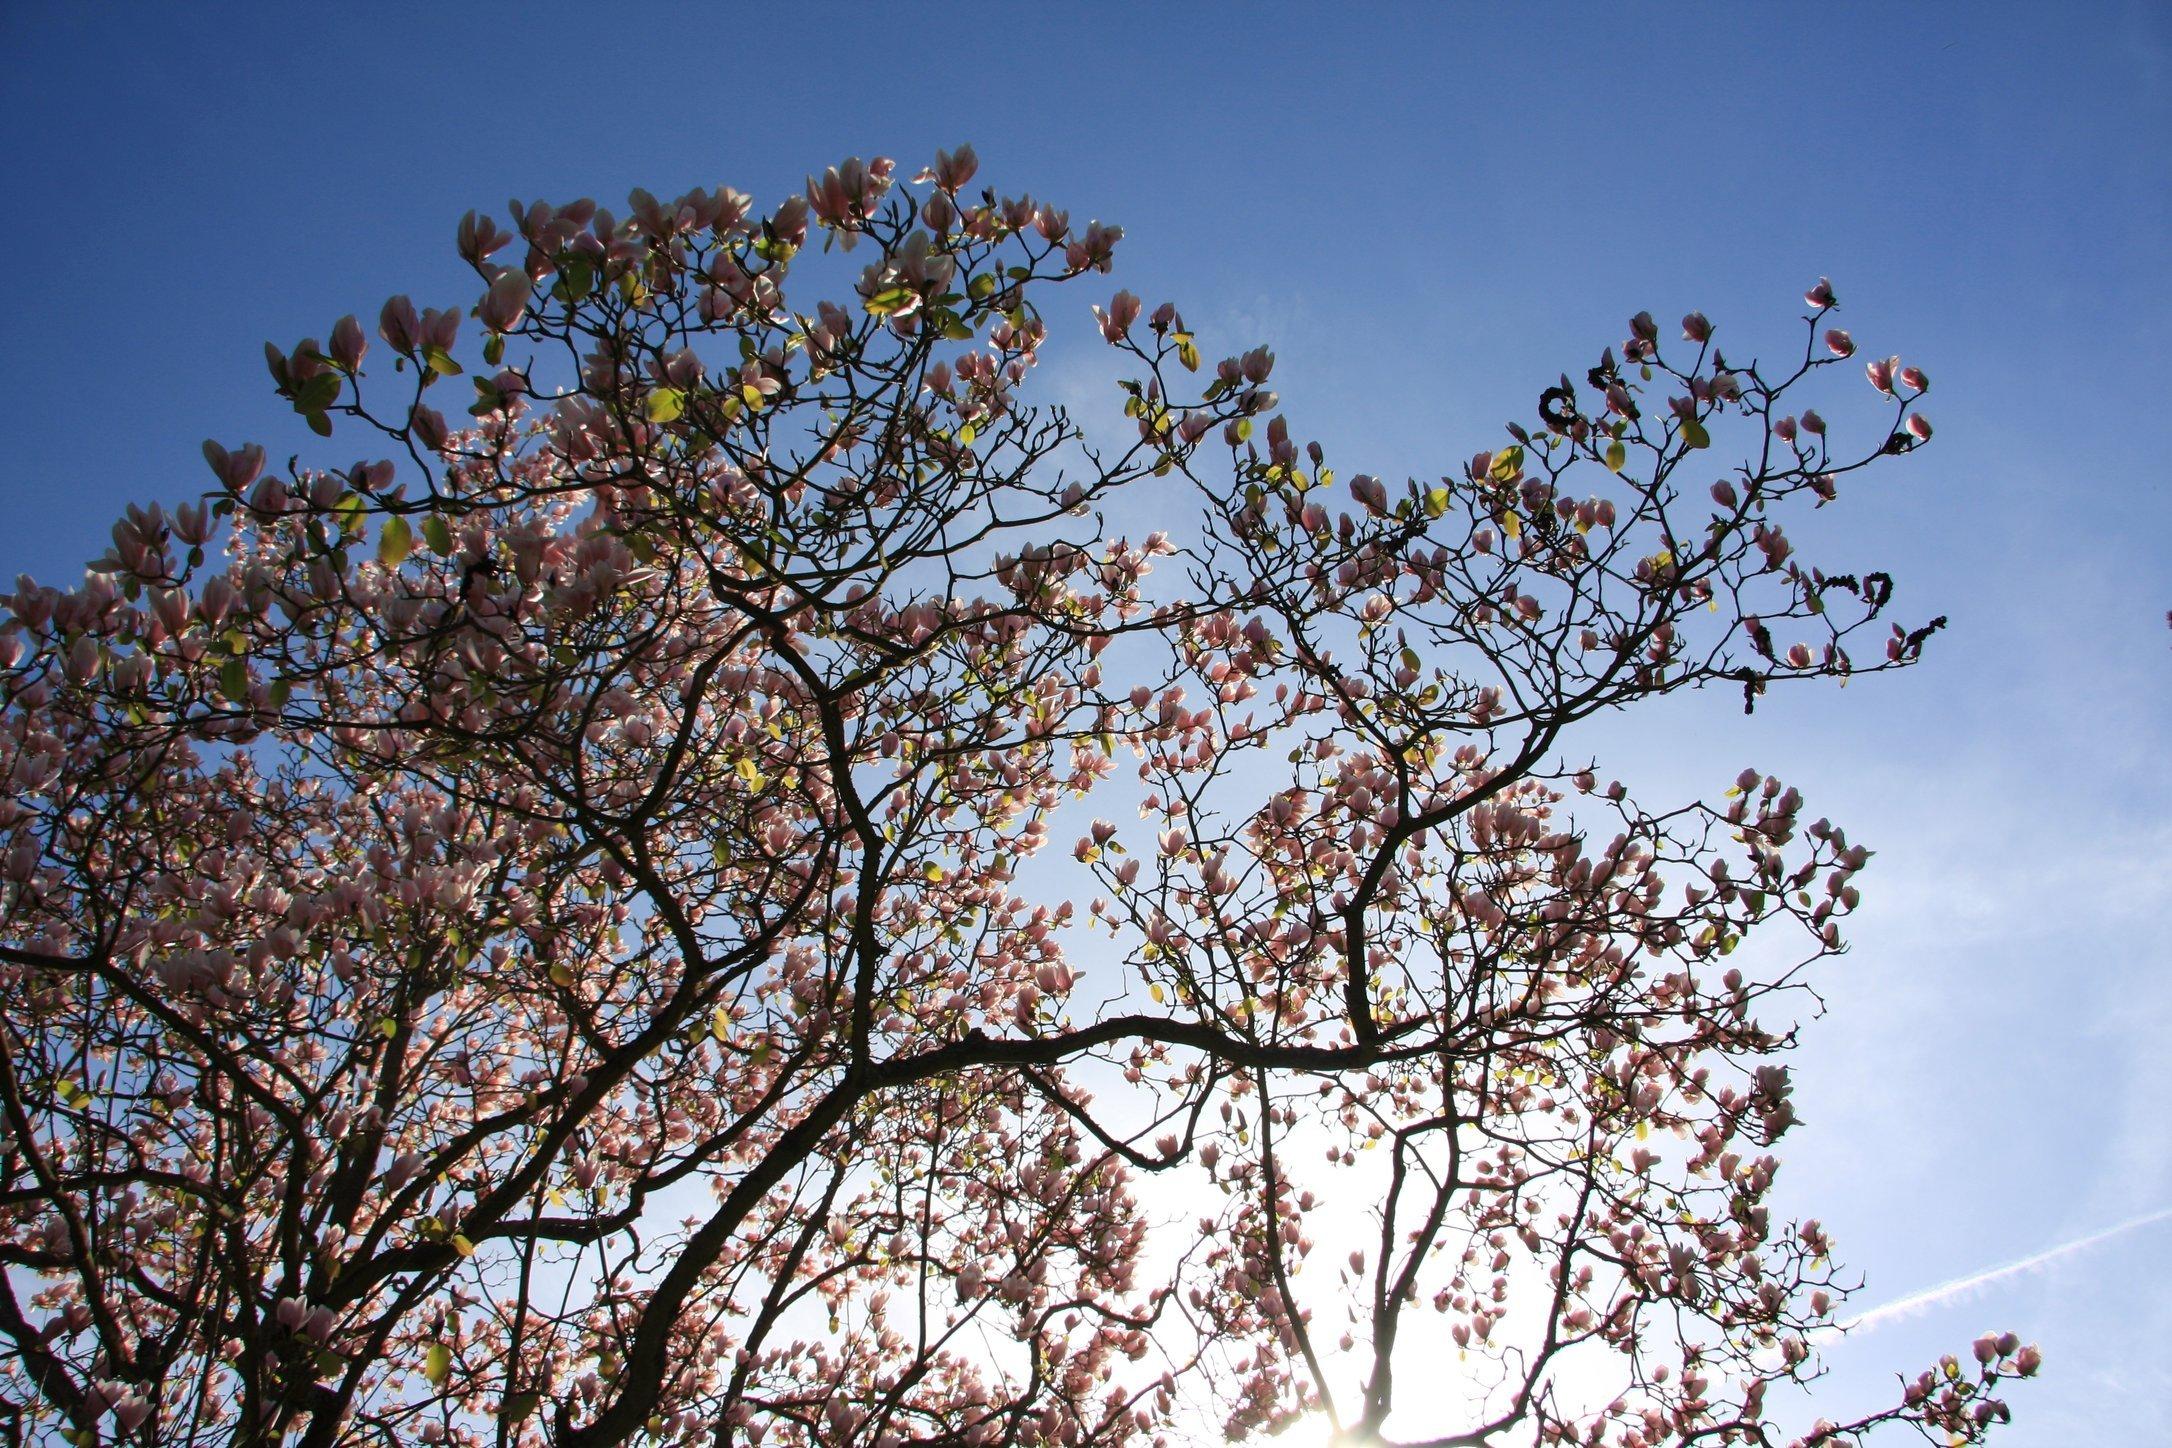 Magnolia_5609431232_o.jpg